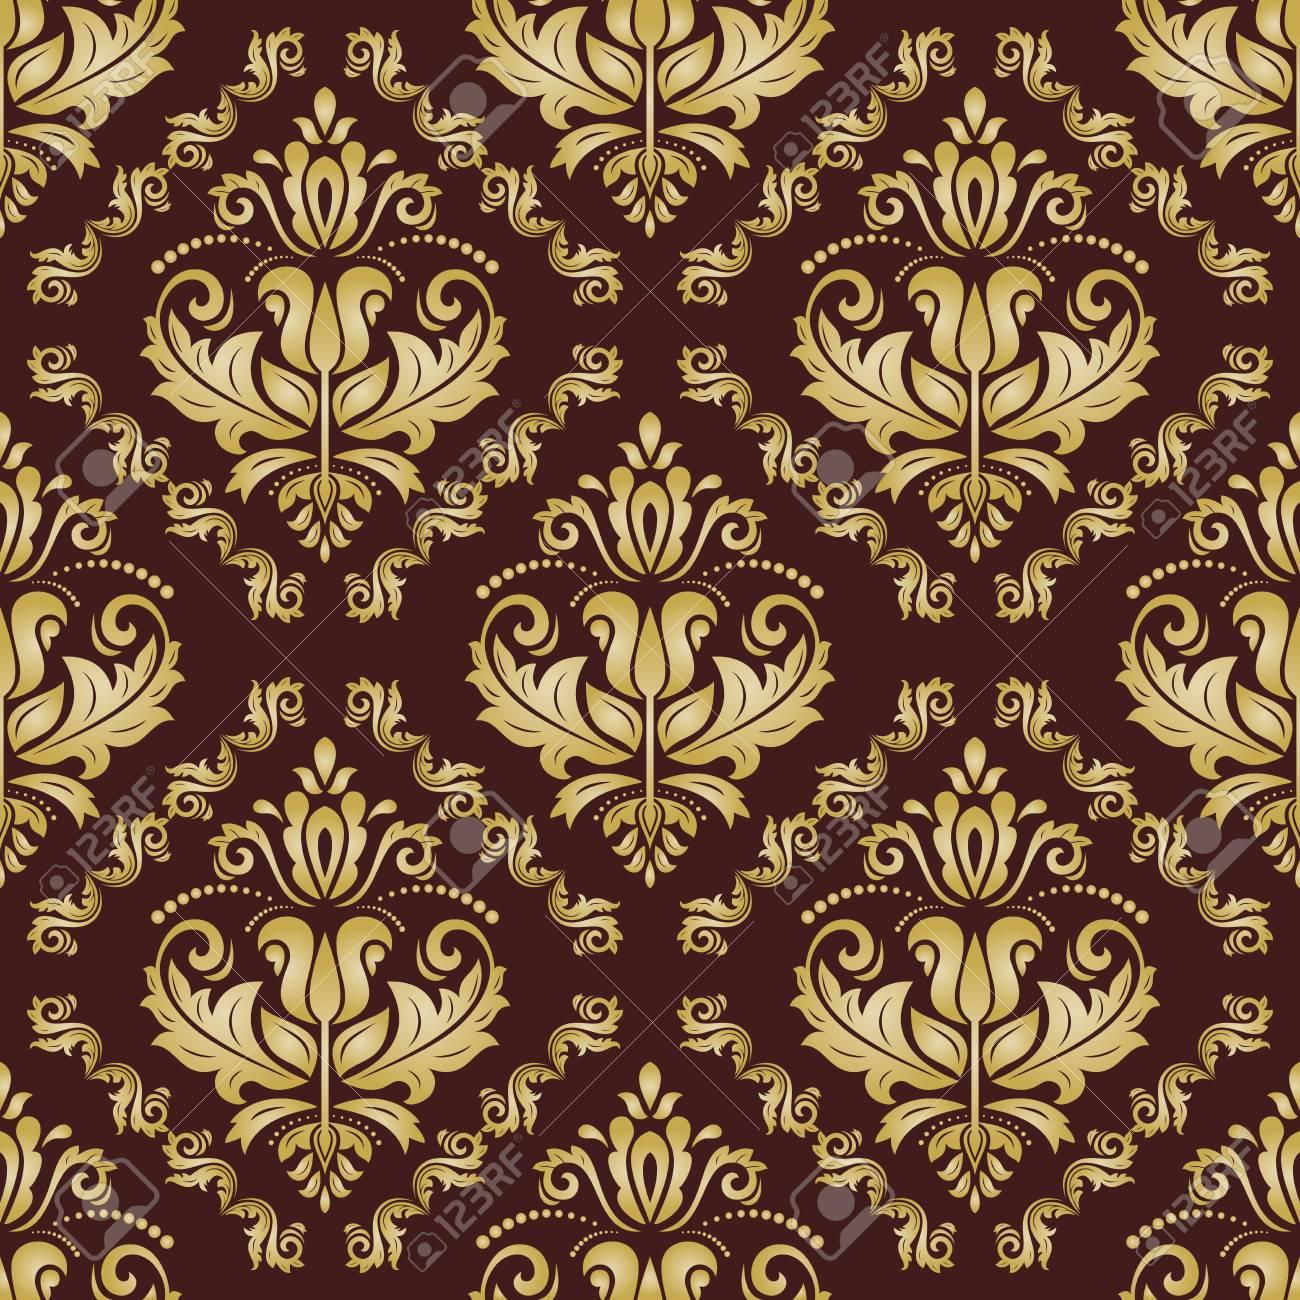 Banque Du0027images   Brun Bien Oriental Et Motif Doré. Papier Peint Classique  Seamless